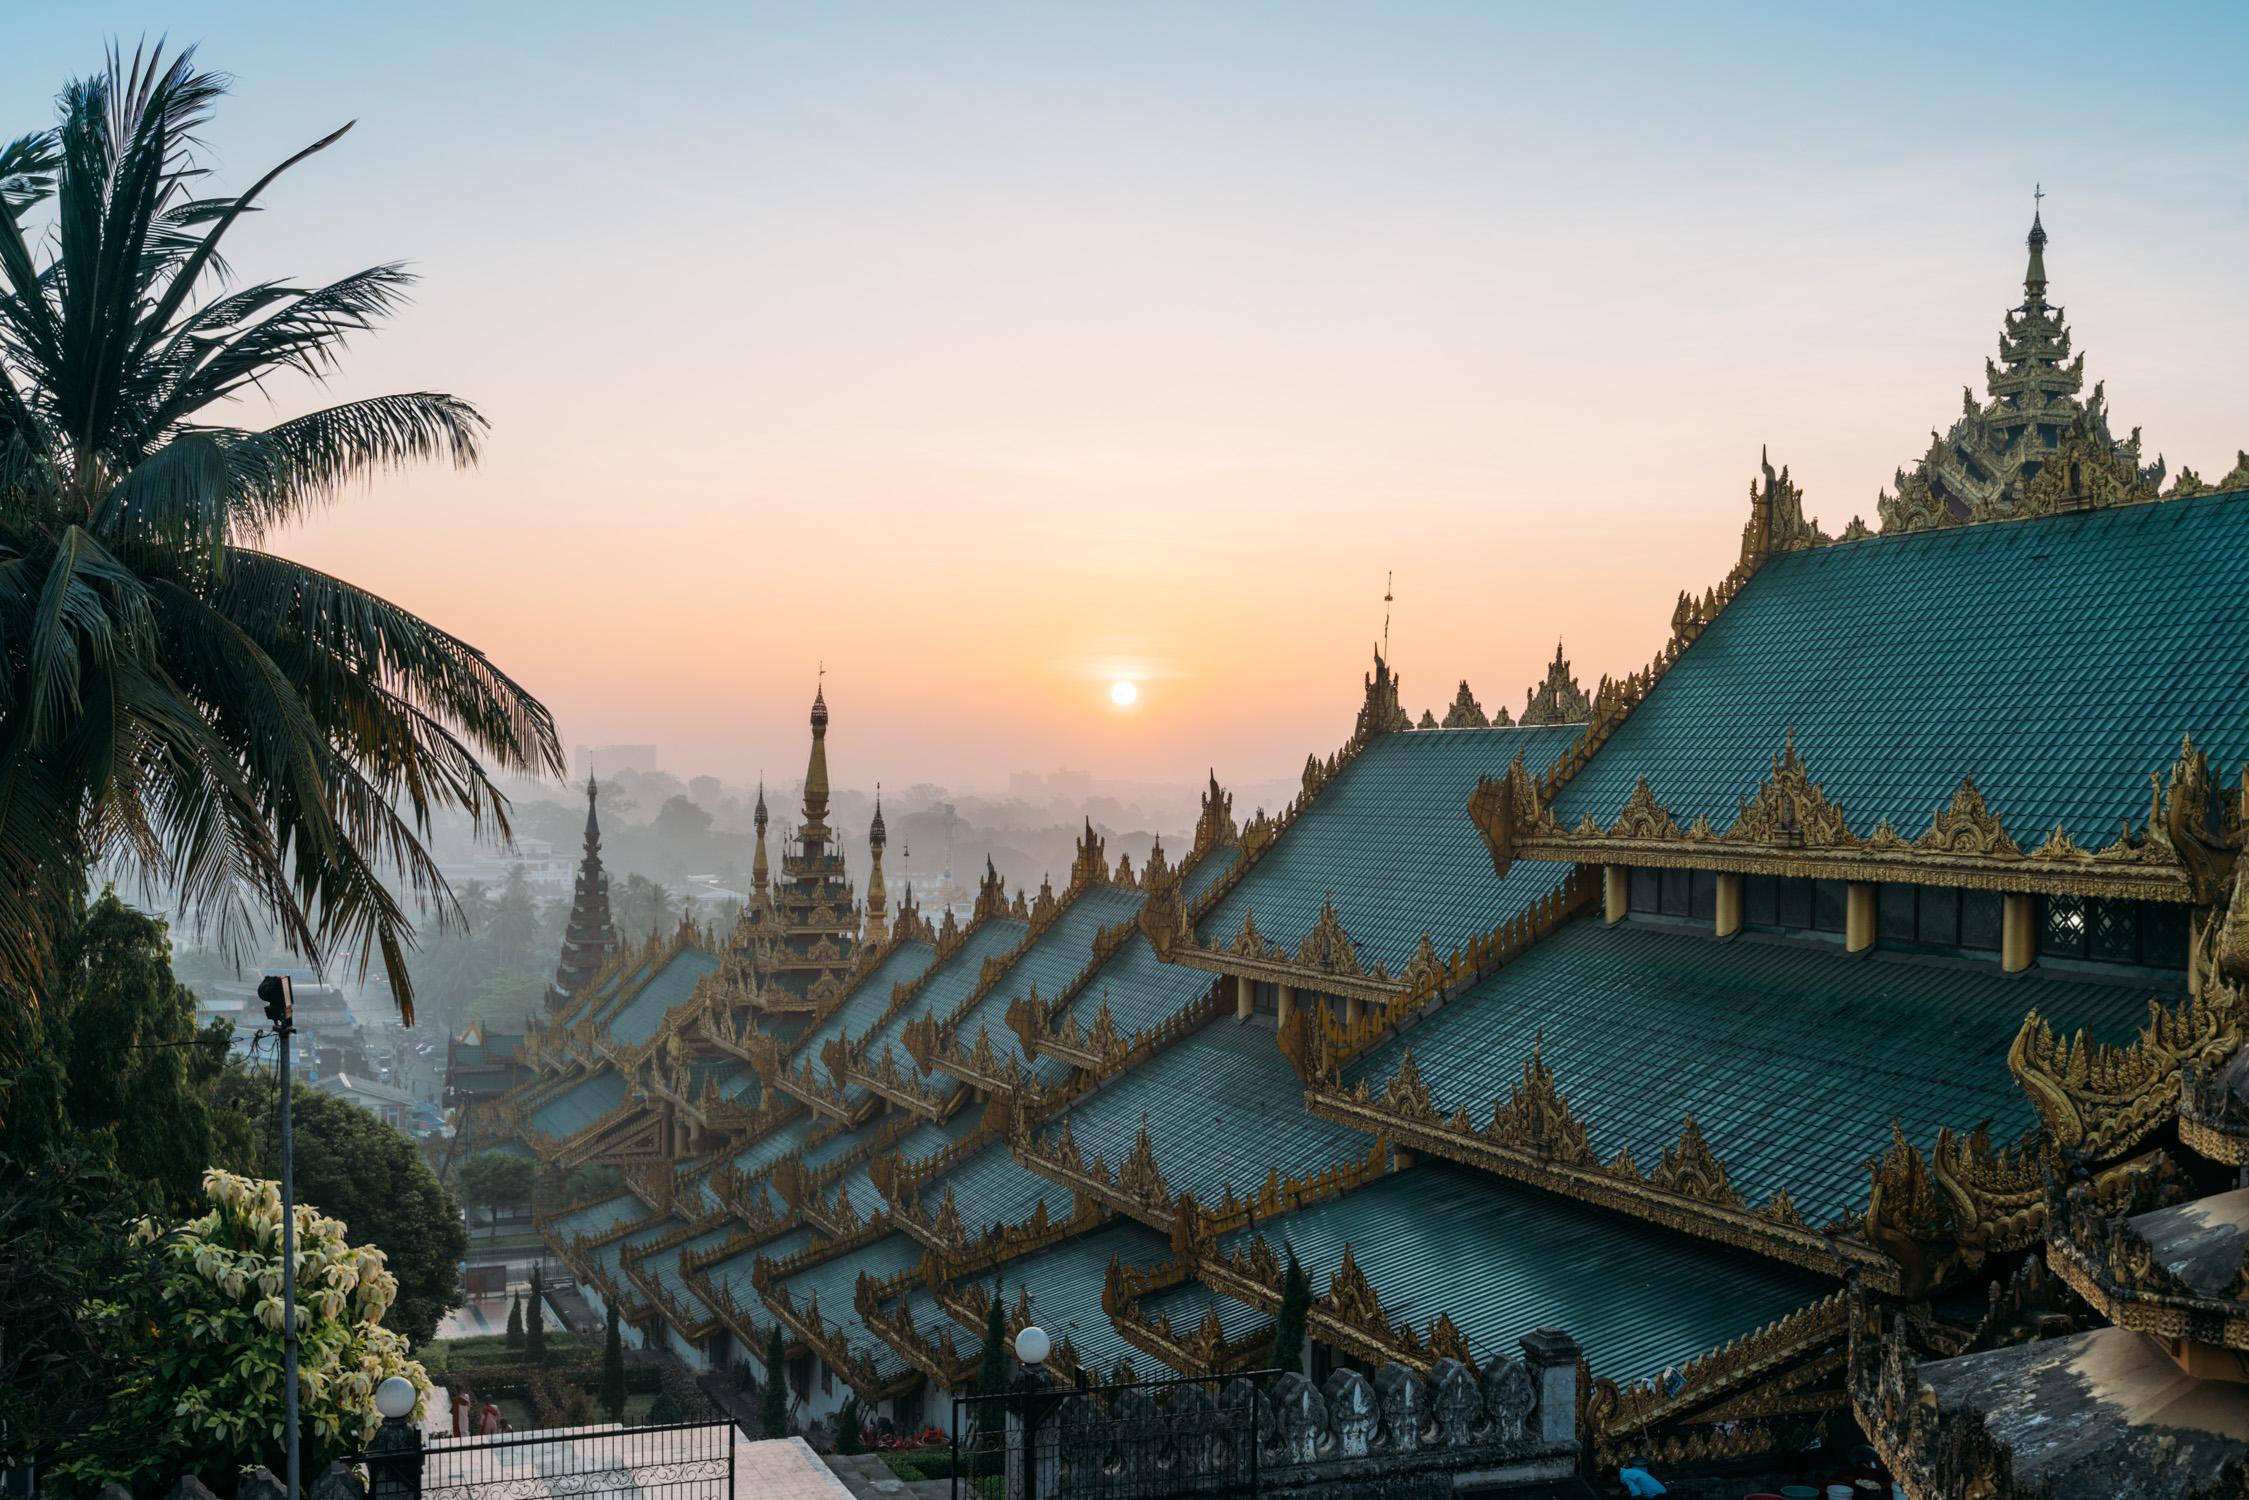 Sunrise on Shwedagon Pagoda [David Tan]